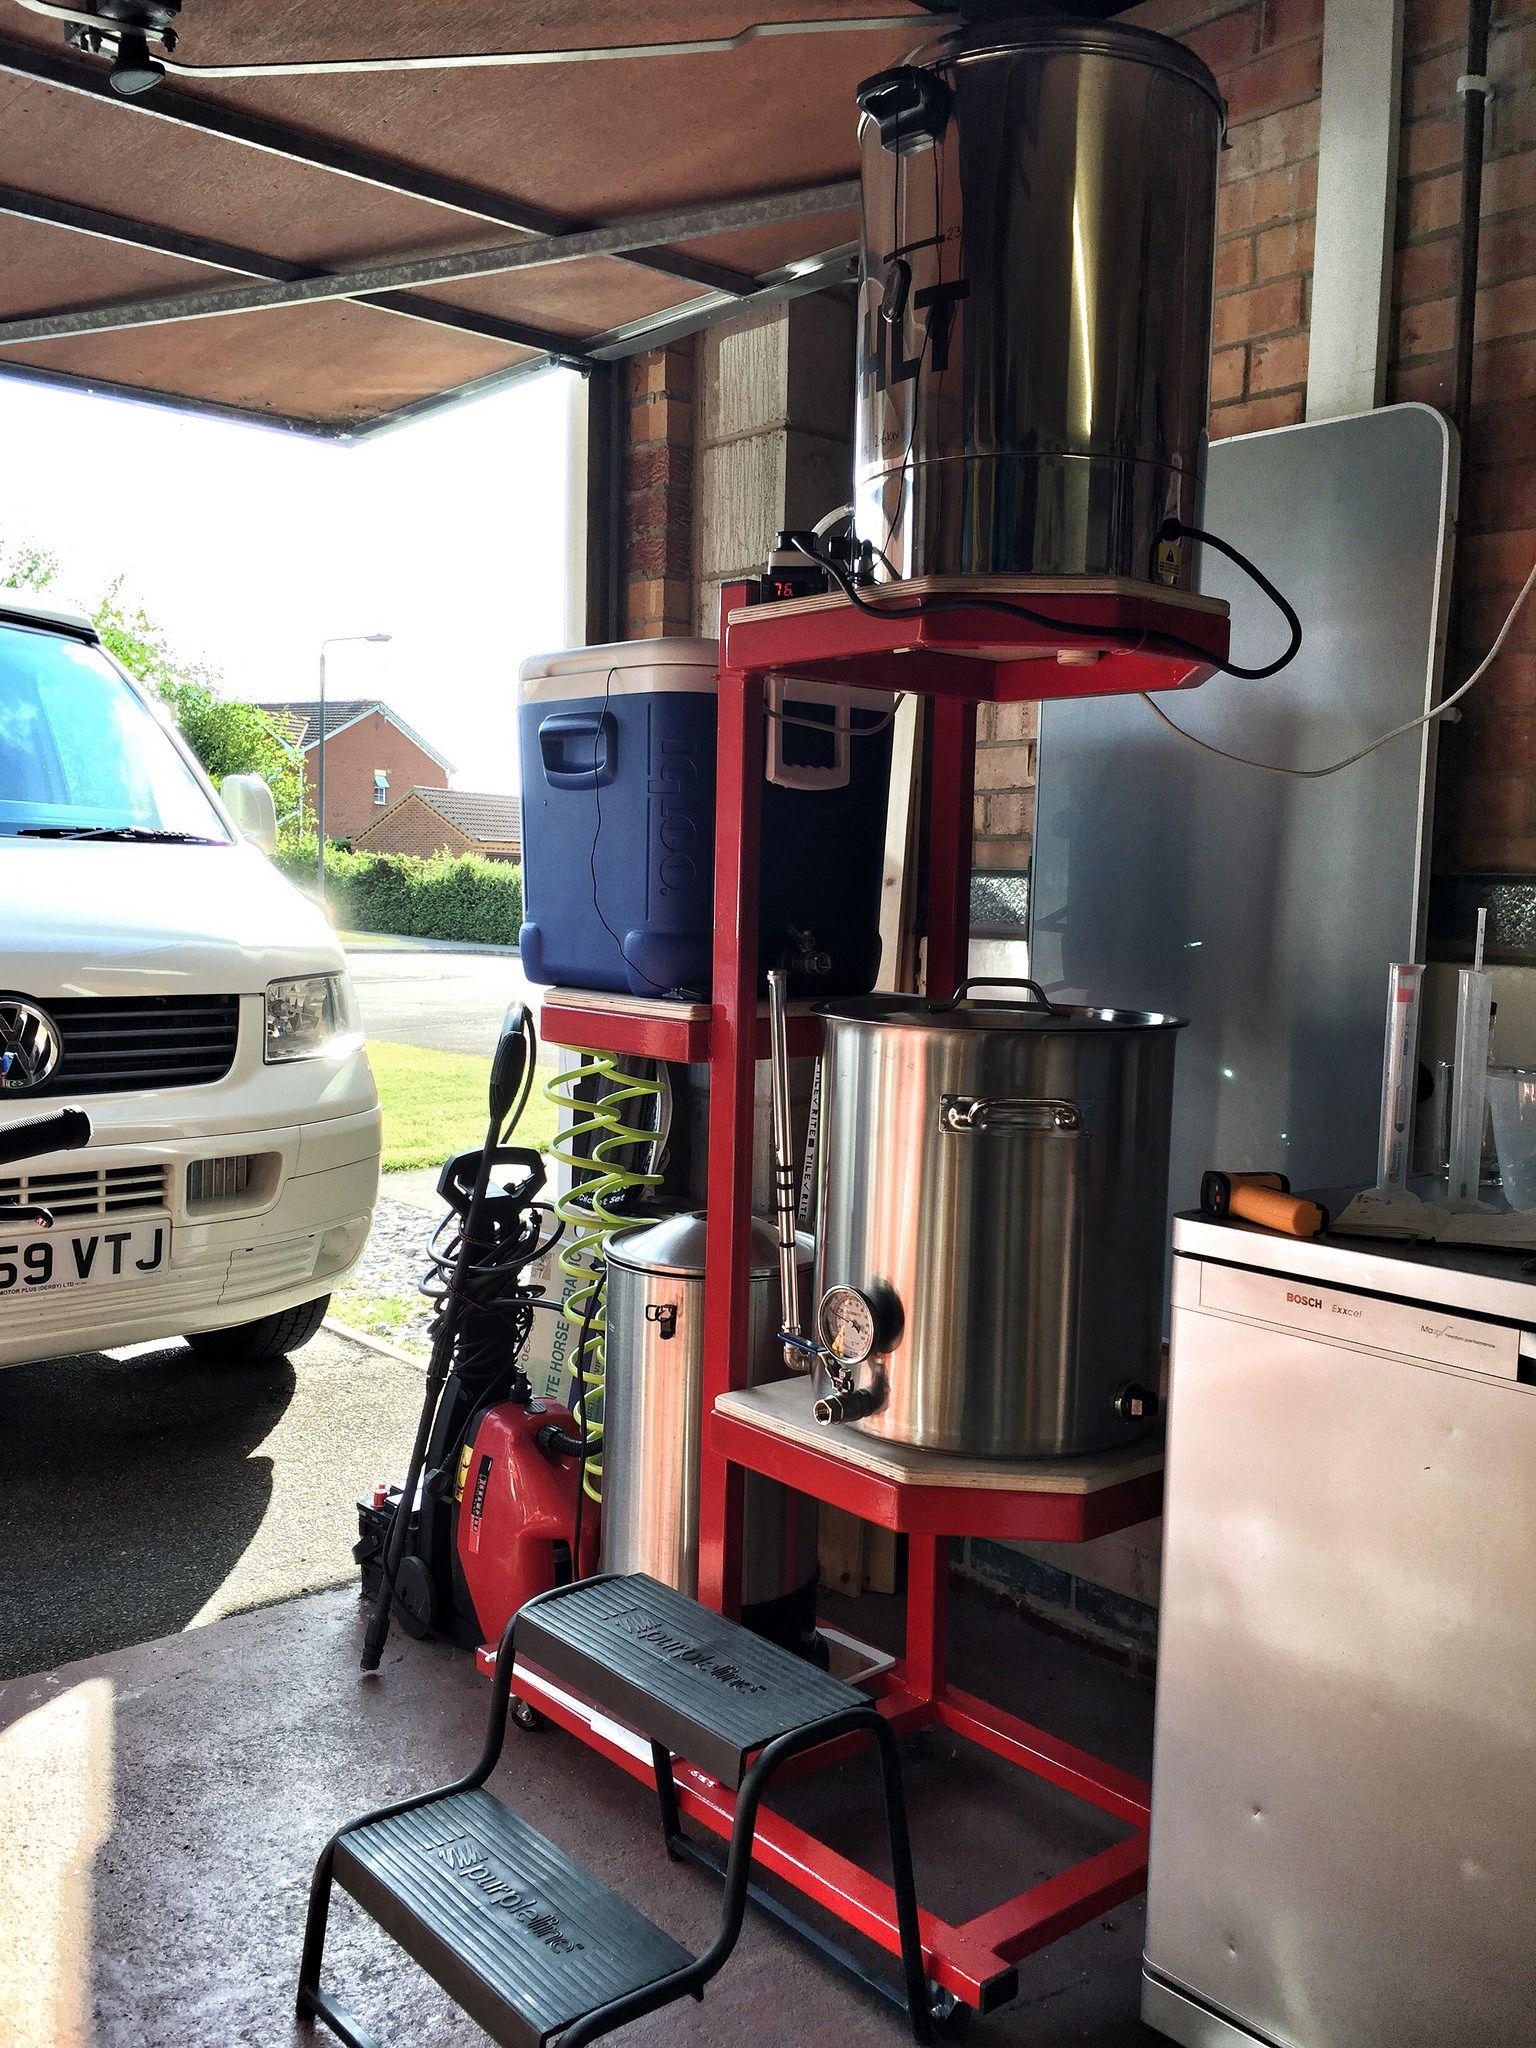 Best Kitchen Gallery: Homebrew Stand In Garage Brewery Homebrewing Pinterest Homebrewing of Homebrew Garage Setup on rachelxblog.com